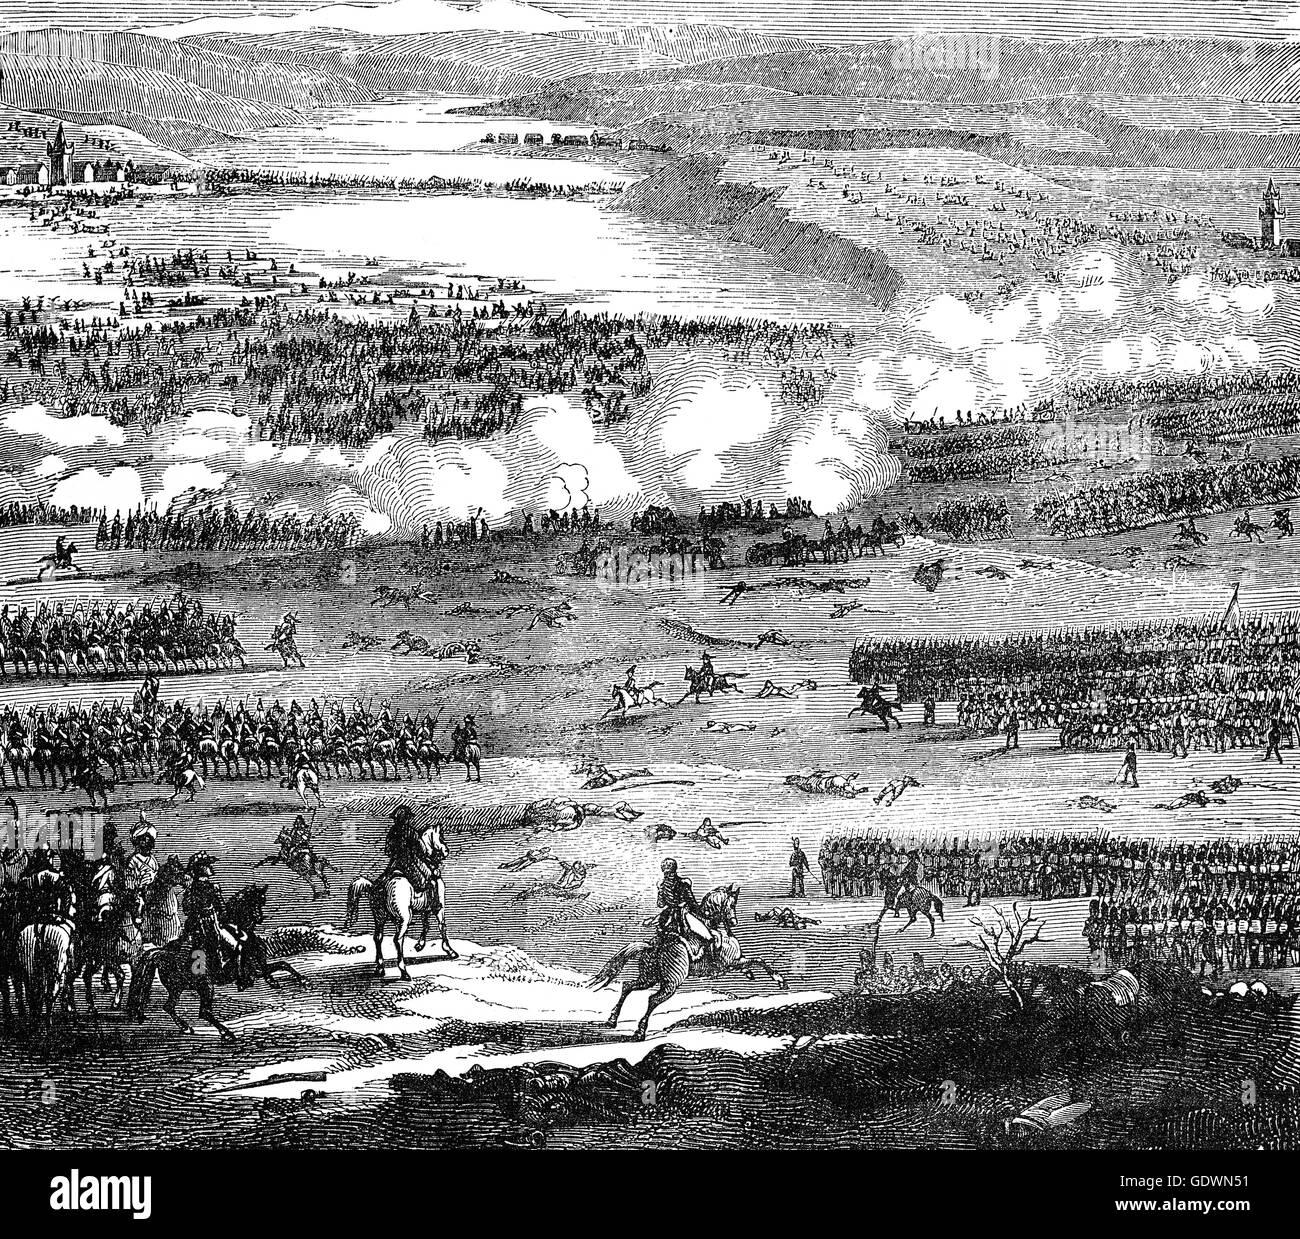 La batalla de Austerlitz (2 de diciembre de 1805), cerca de la aldea de Austerlitz en el Imperio Austriaco, fue Foto de stock